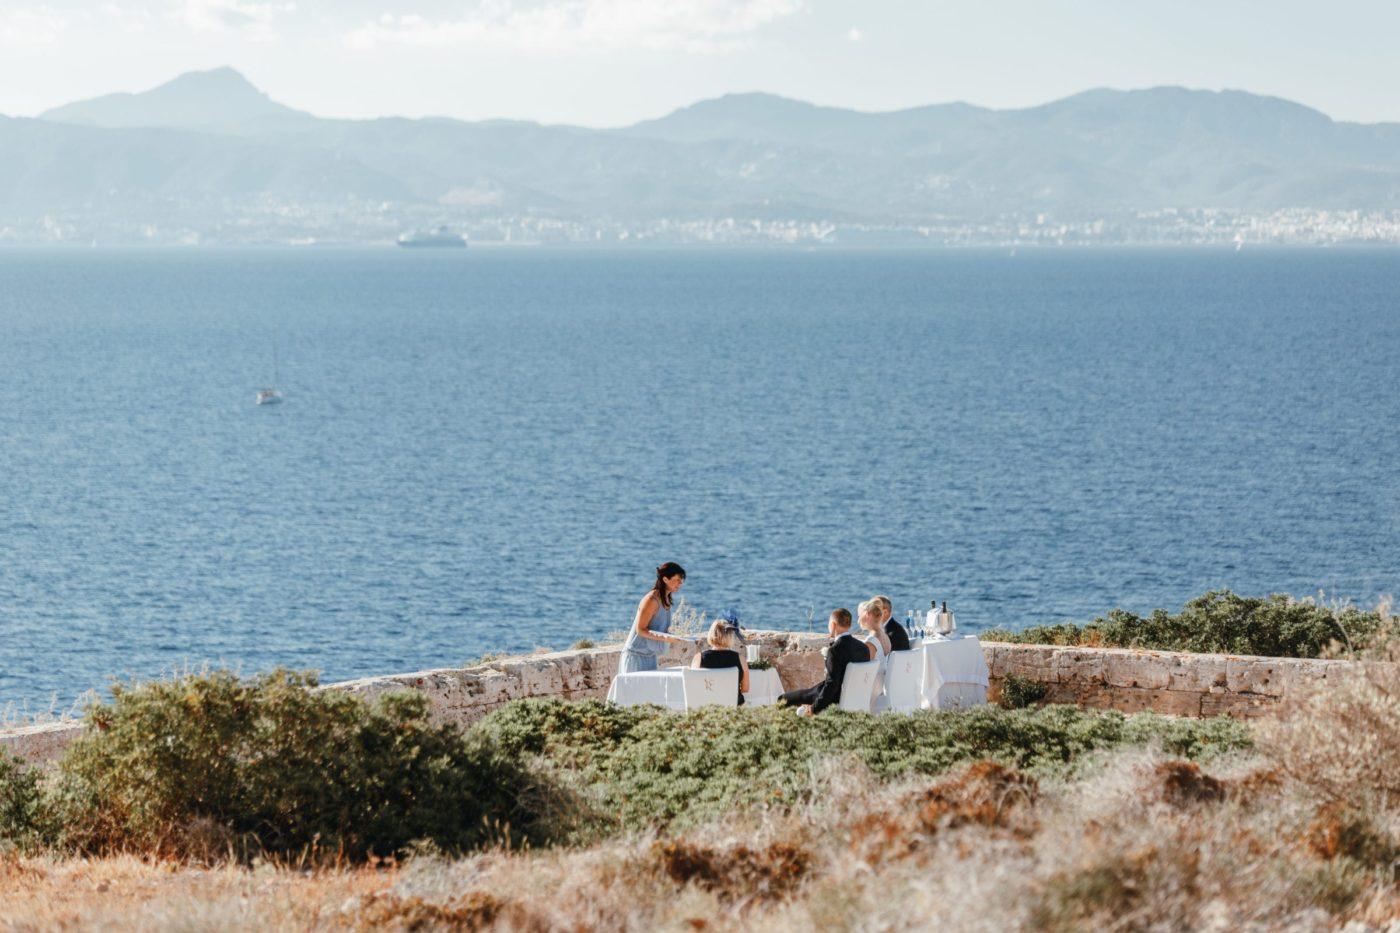 Weitblick auf die Trauung im Hotel Cap Rocat auf Mallorca.